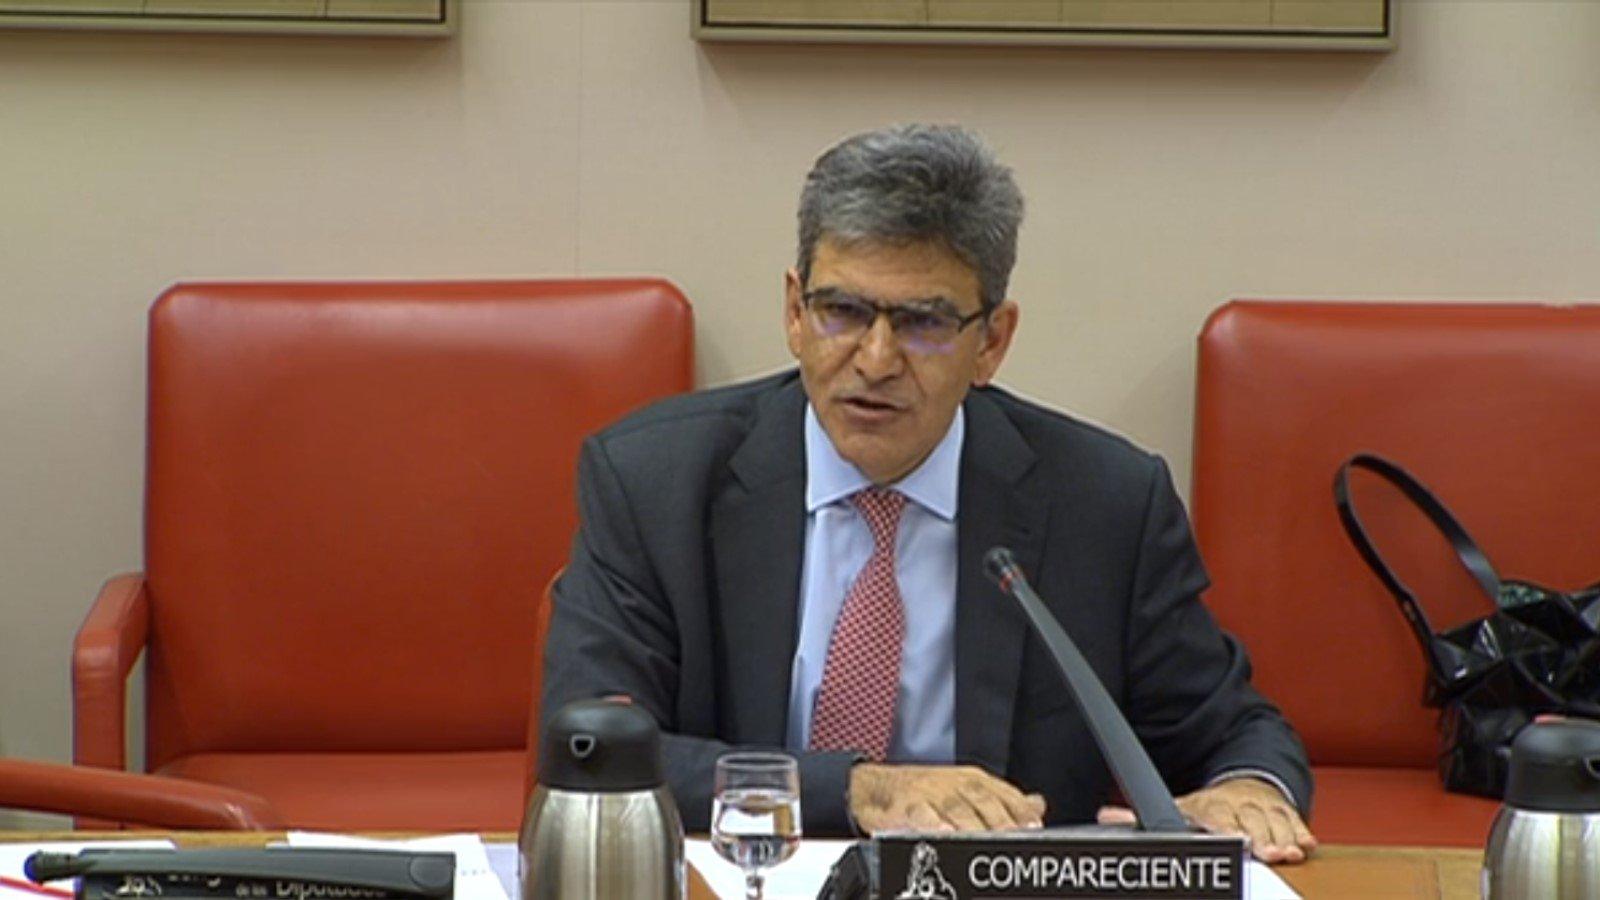 El CEO del Santander, José Antonio Álvarez, aseguró en el Congreso que no se llevará el banco fuera de España.